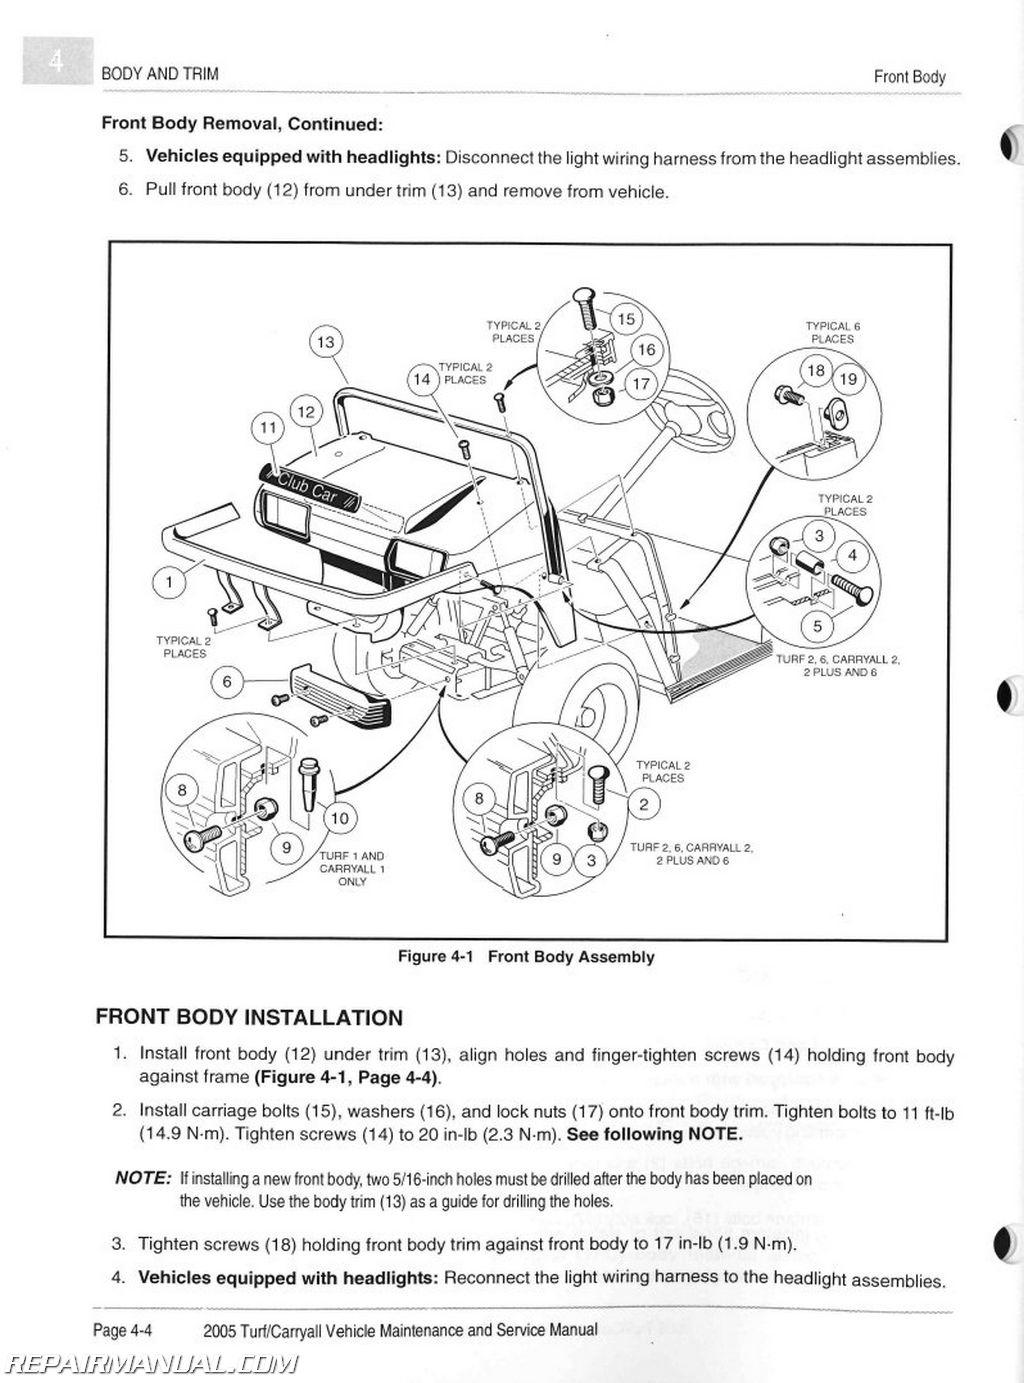 2000 carry all 2 wiring diagram headlights wiring schematics diagram international h wiring diagram 2000 club car carry all wiring diagram trusted wiring diagrams 2000 carry all 2 wiring diagram headlights